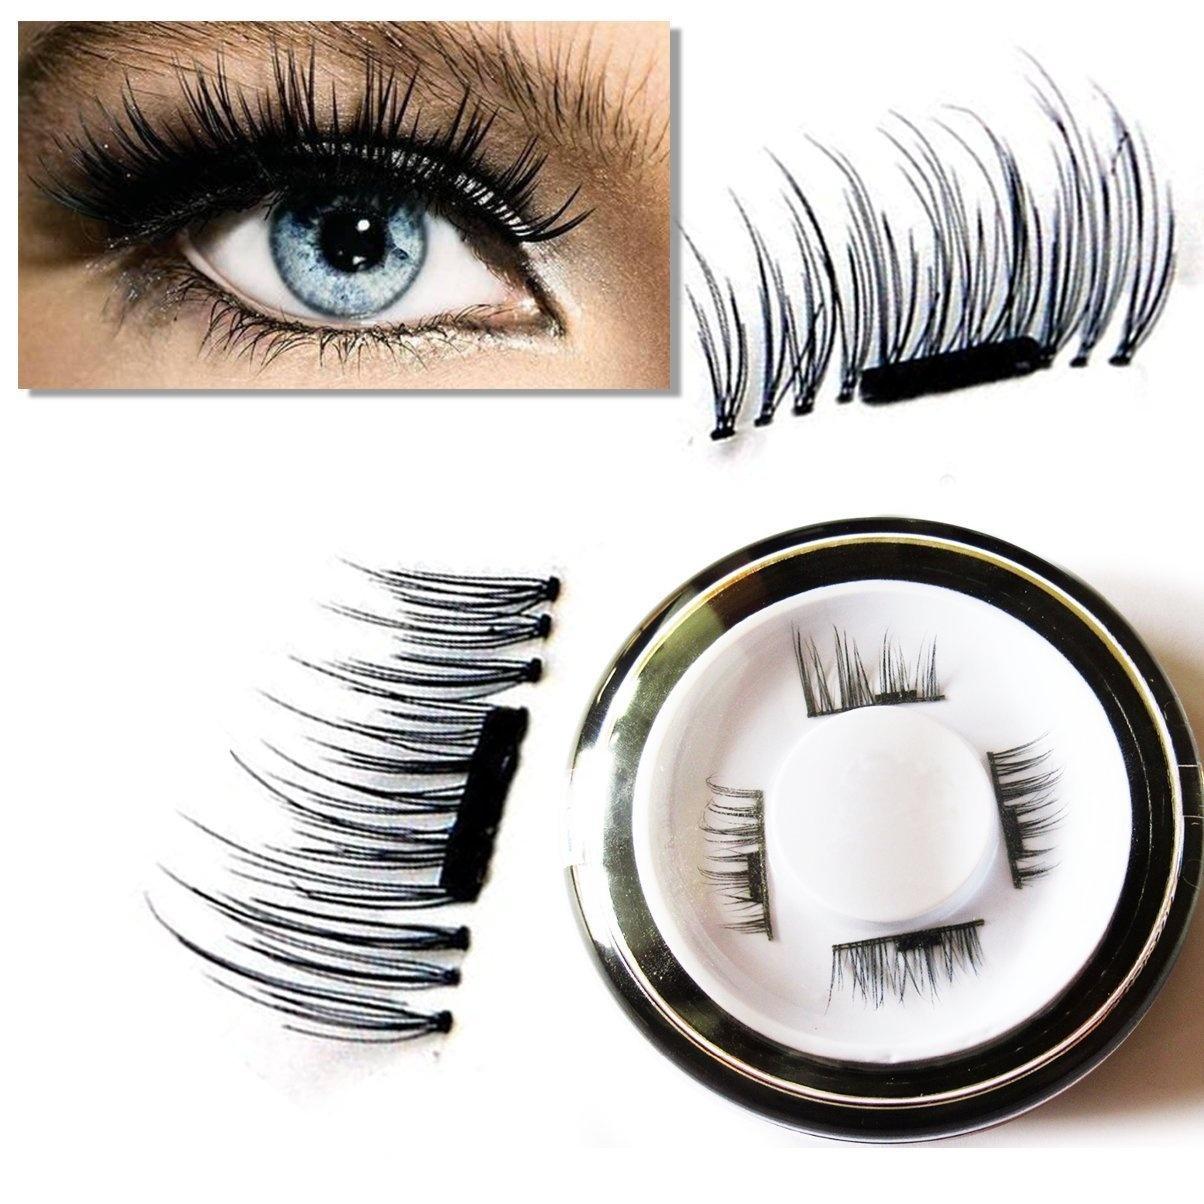 8x Magnetic Eyelashes No Glue Premium Quality False Eyelashes Set